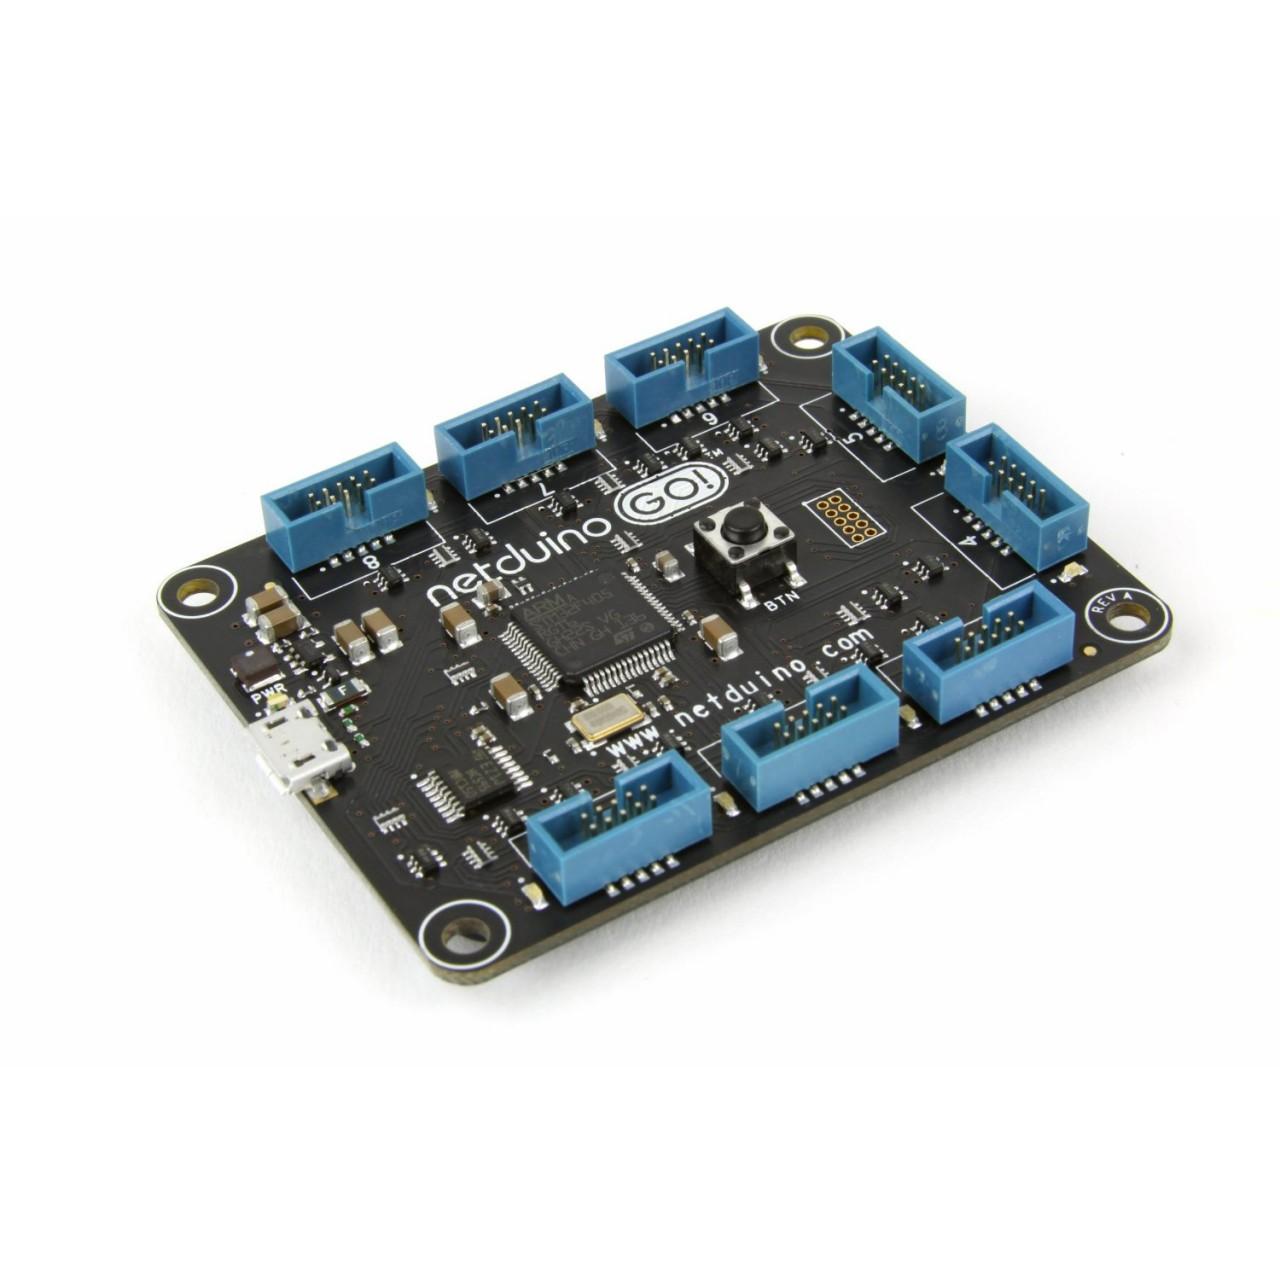 Arduino vs Netduino - Netduino 2 and Netduino 1